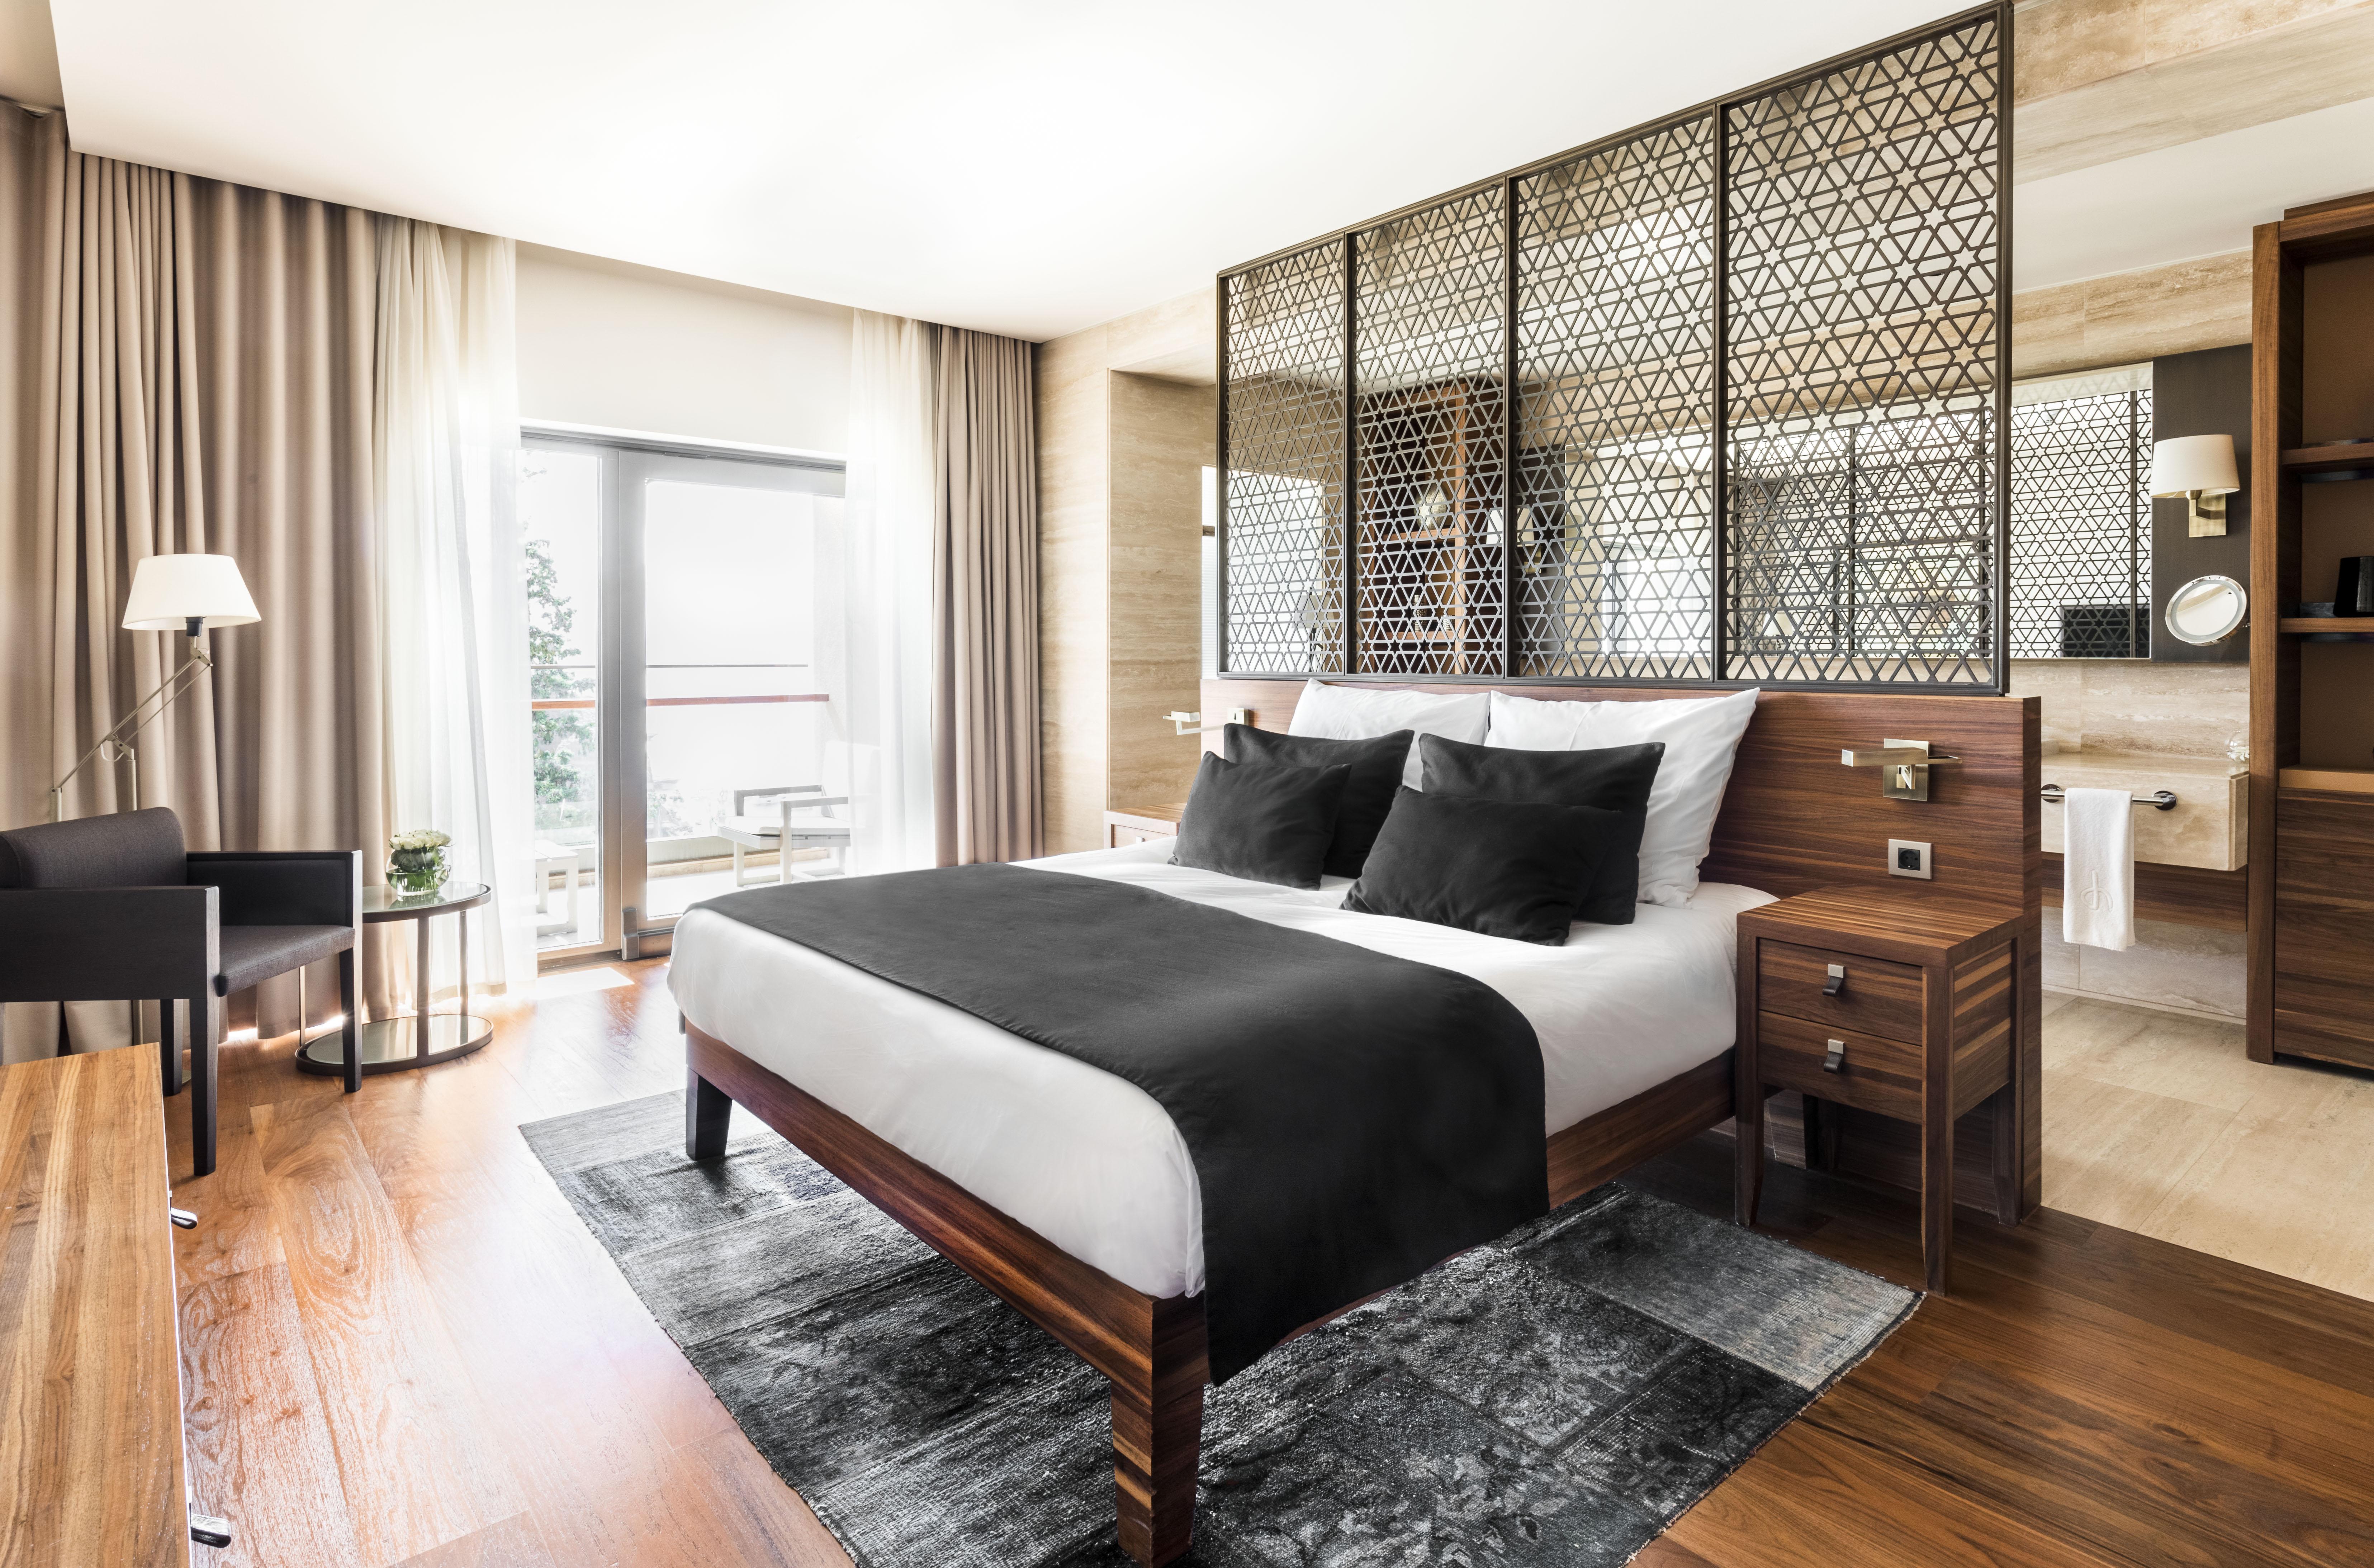 luxury-accommodation-datca-peninsula